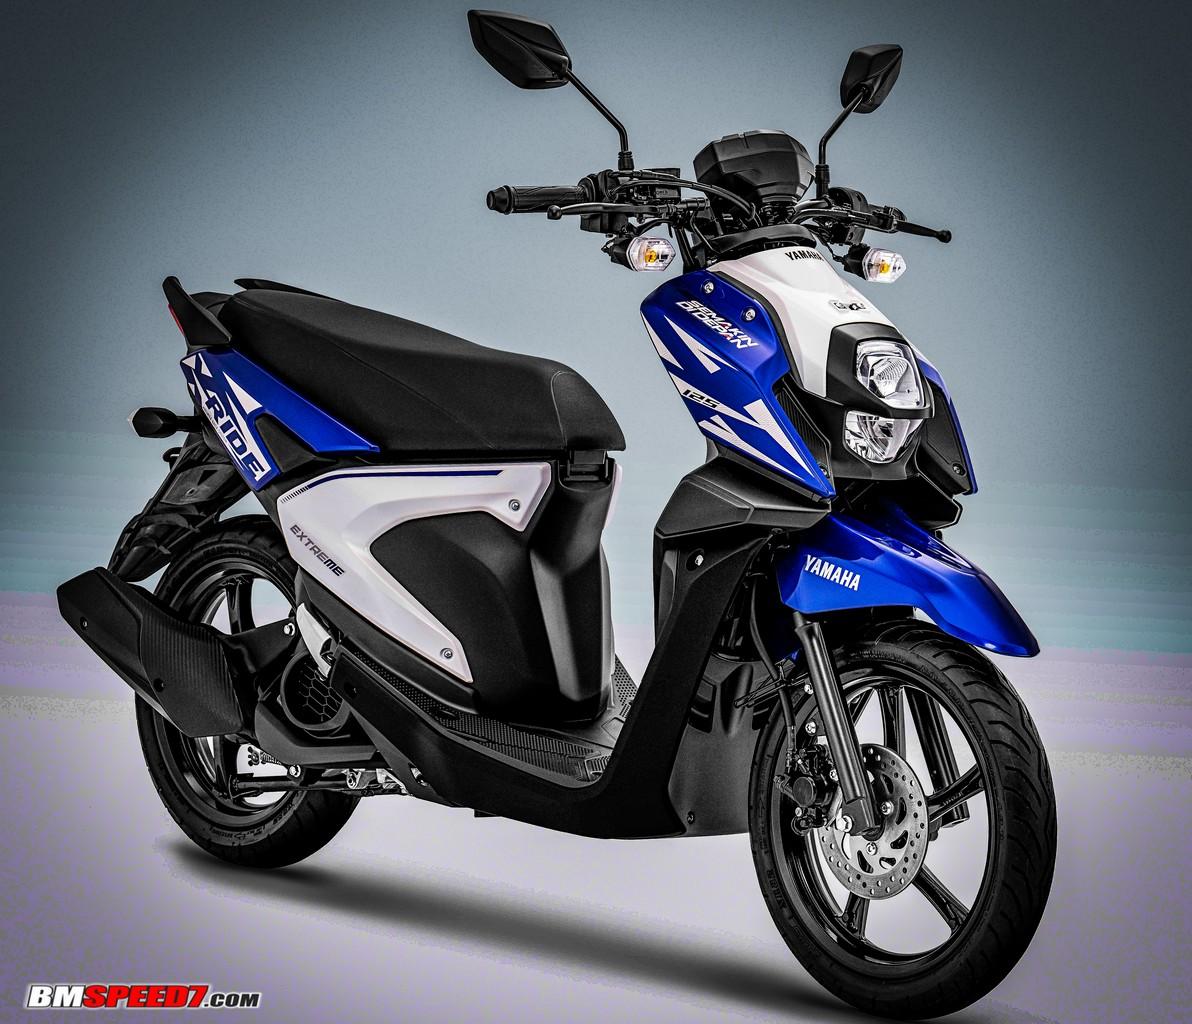 Harga Yamaha X Ride Terbaru 2019 Warna Dan Spesifikasi Bmspeed7 Com